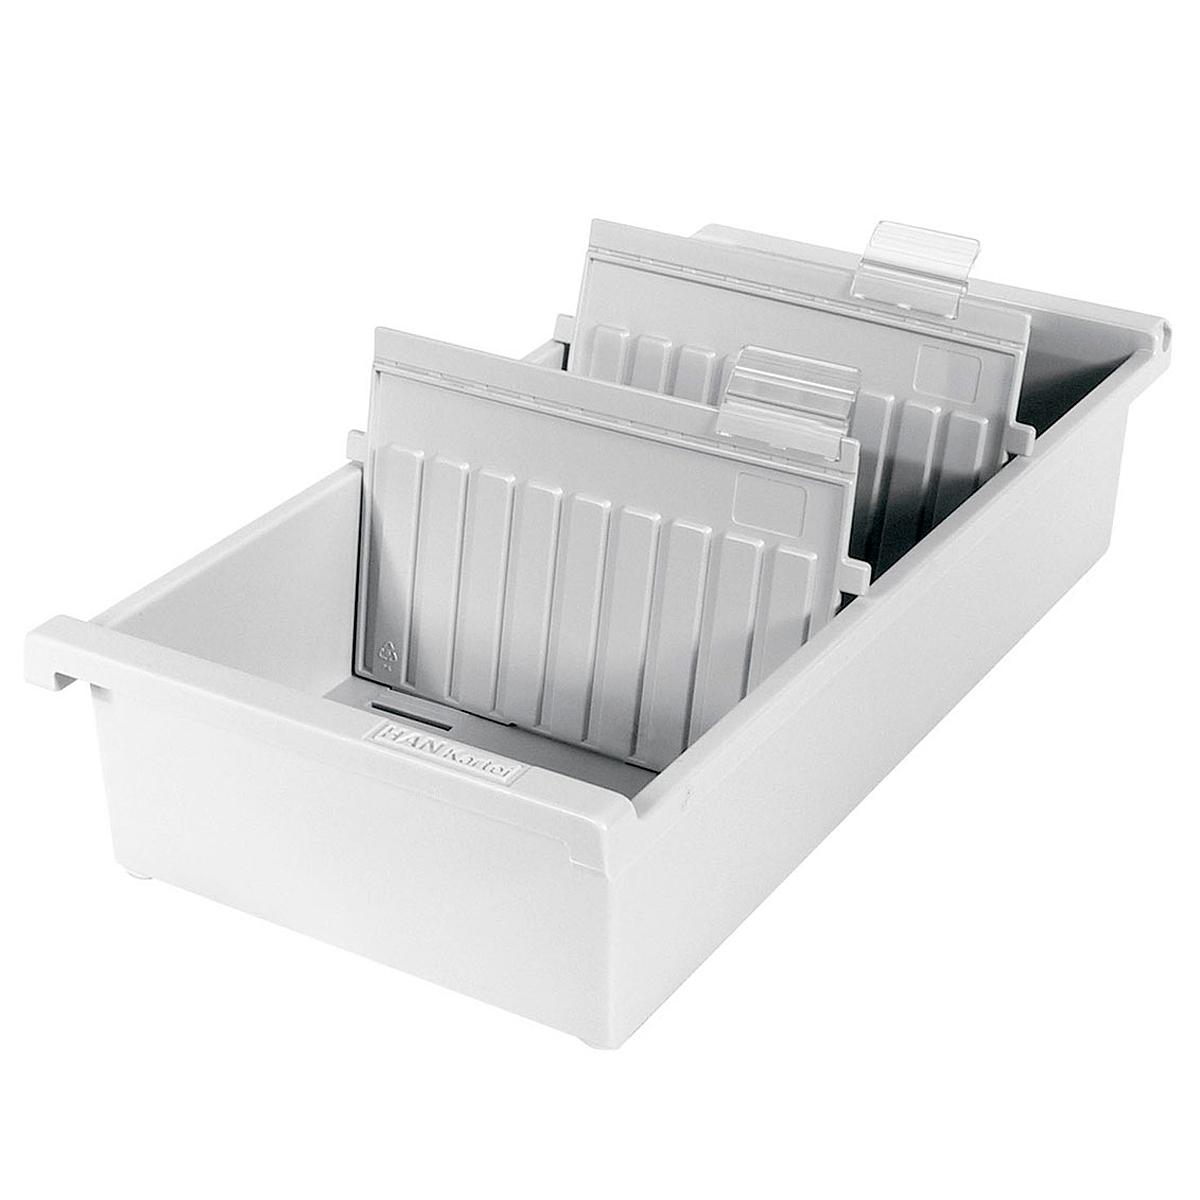 Лоток для бумаг горизонтальный HAN, цвет: светло-серый, формат А7. HA957-0/11HA957-0/11Горизонтальный лоток для бумаг HAN поможет вам навести порядок на столе и сэкономить пространство. Лоток подойдет для карточек формата А7 и меньше. Лоток состоит из 3 вместительных секций, и, благодаря оригинальному дизайну и классической форме, органично впишется в любой интерьер. В комплект входят 2 прозрачных ярлыка и 2 пластиковых съемных разделителя, всего лоток оснащен вырубками для 26 разделителей. Таким образом, можно изменять размер секций, что позволяет настроить лоток так, как будет удобно именно вам. Лоток изготовлен из антистатического ударопрочного пластика. Лоток имеет ножки, предотвращающие скольжение по столу и обеспечивающие необходимую устойчивость. Благодаря лотку для бумаг, важные бумаги и документы не потеряются и всегда будут под рукой.